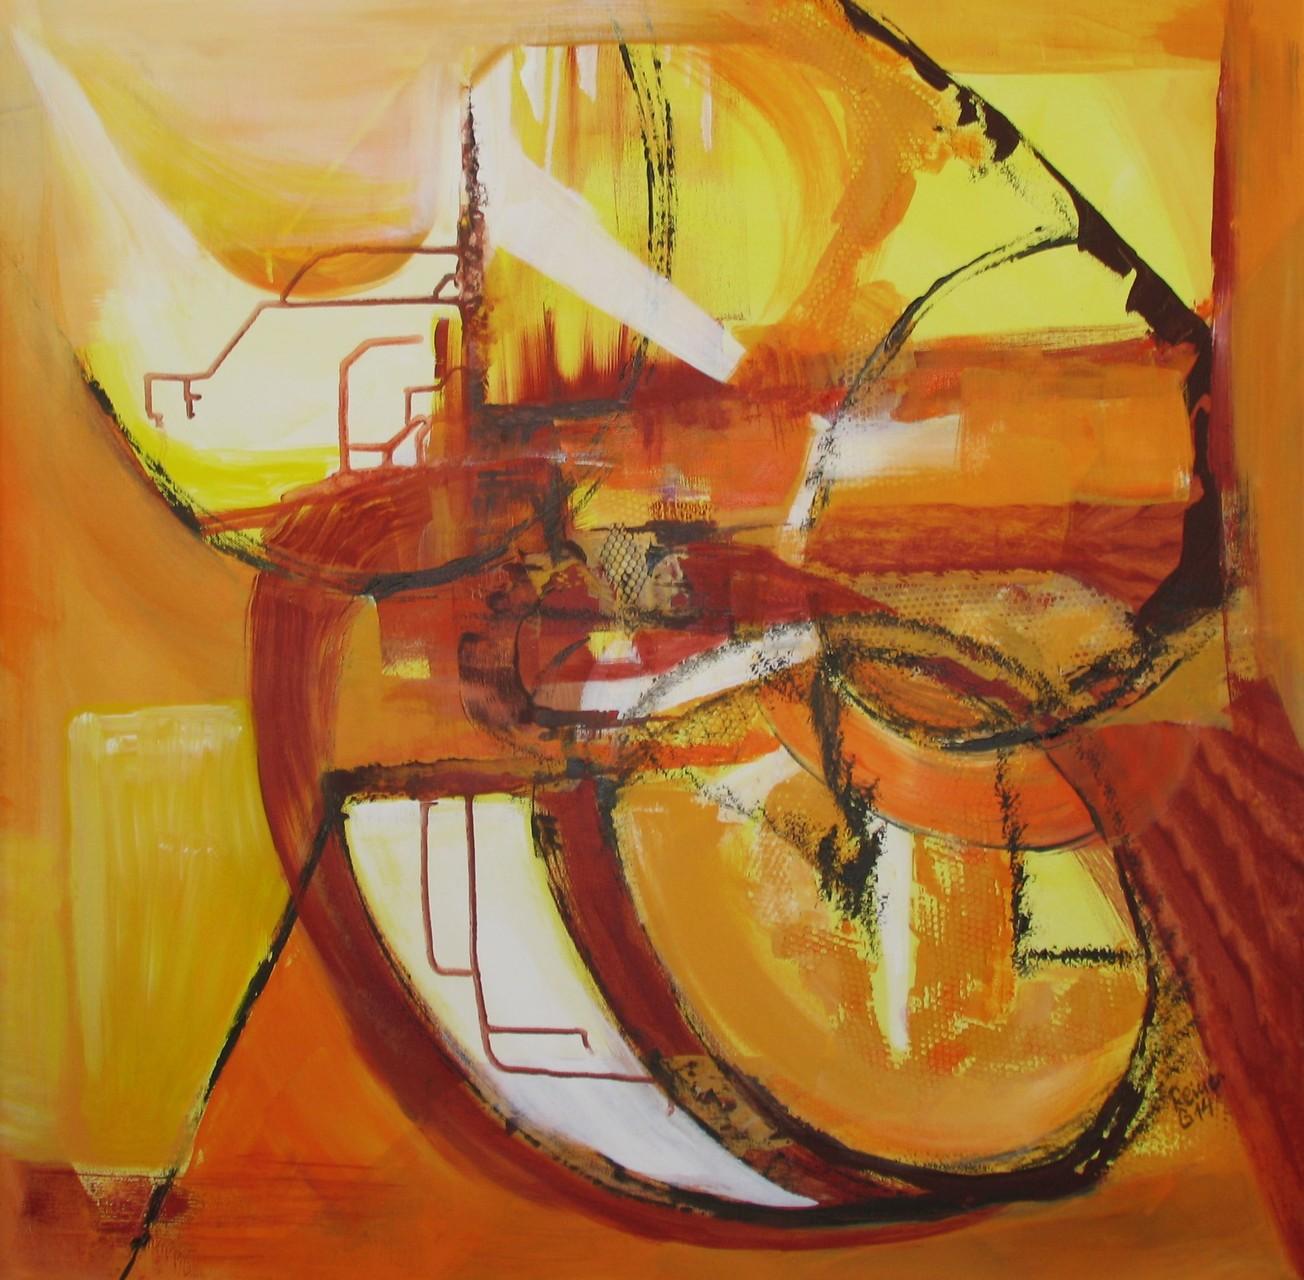 Kreisverkehr, Acryl auf Leinwand, 80 x 80 cm